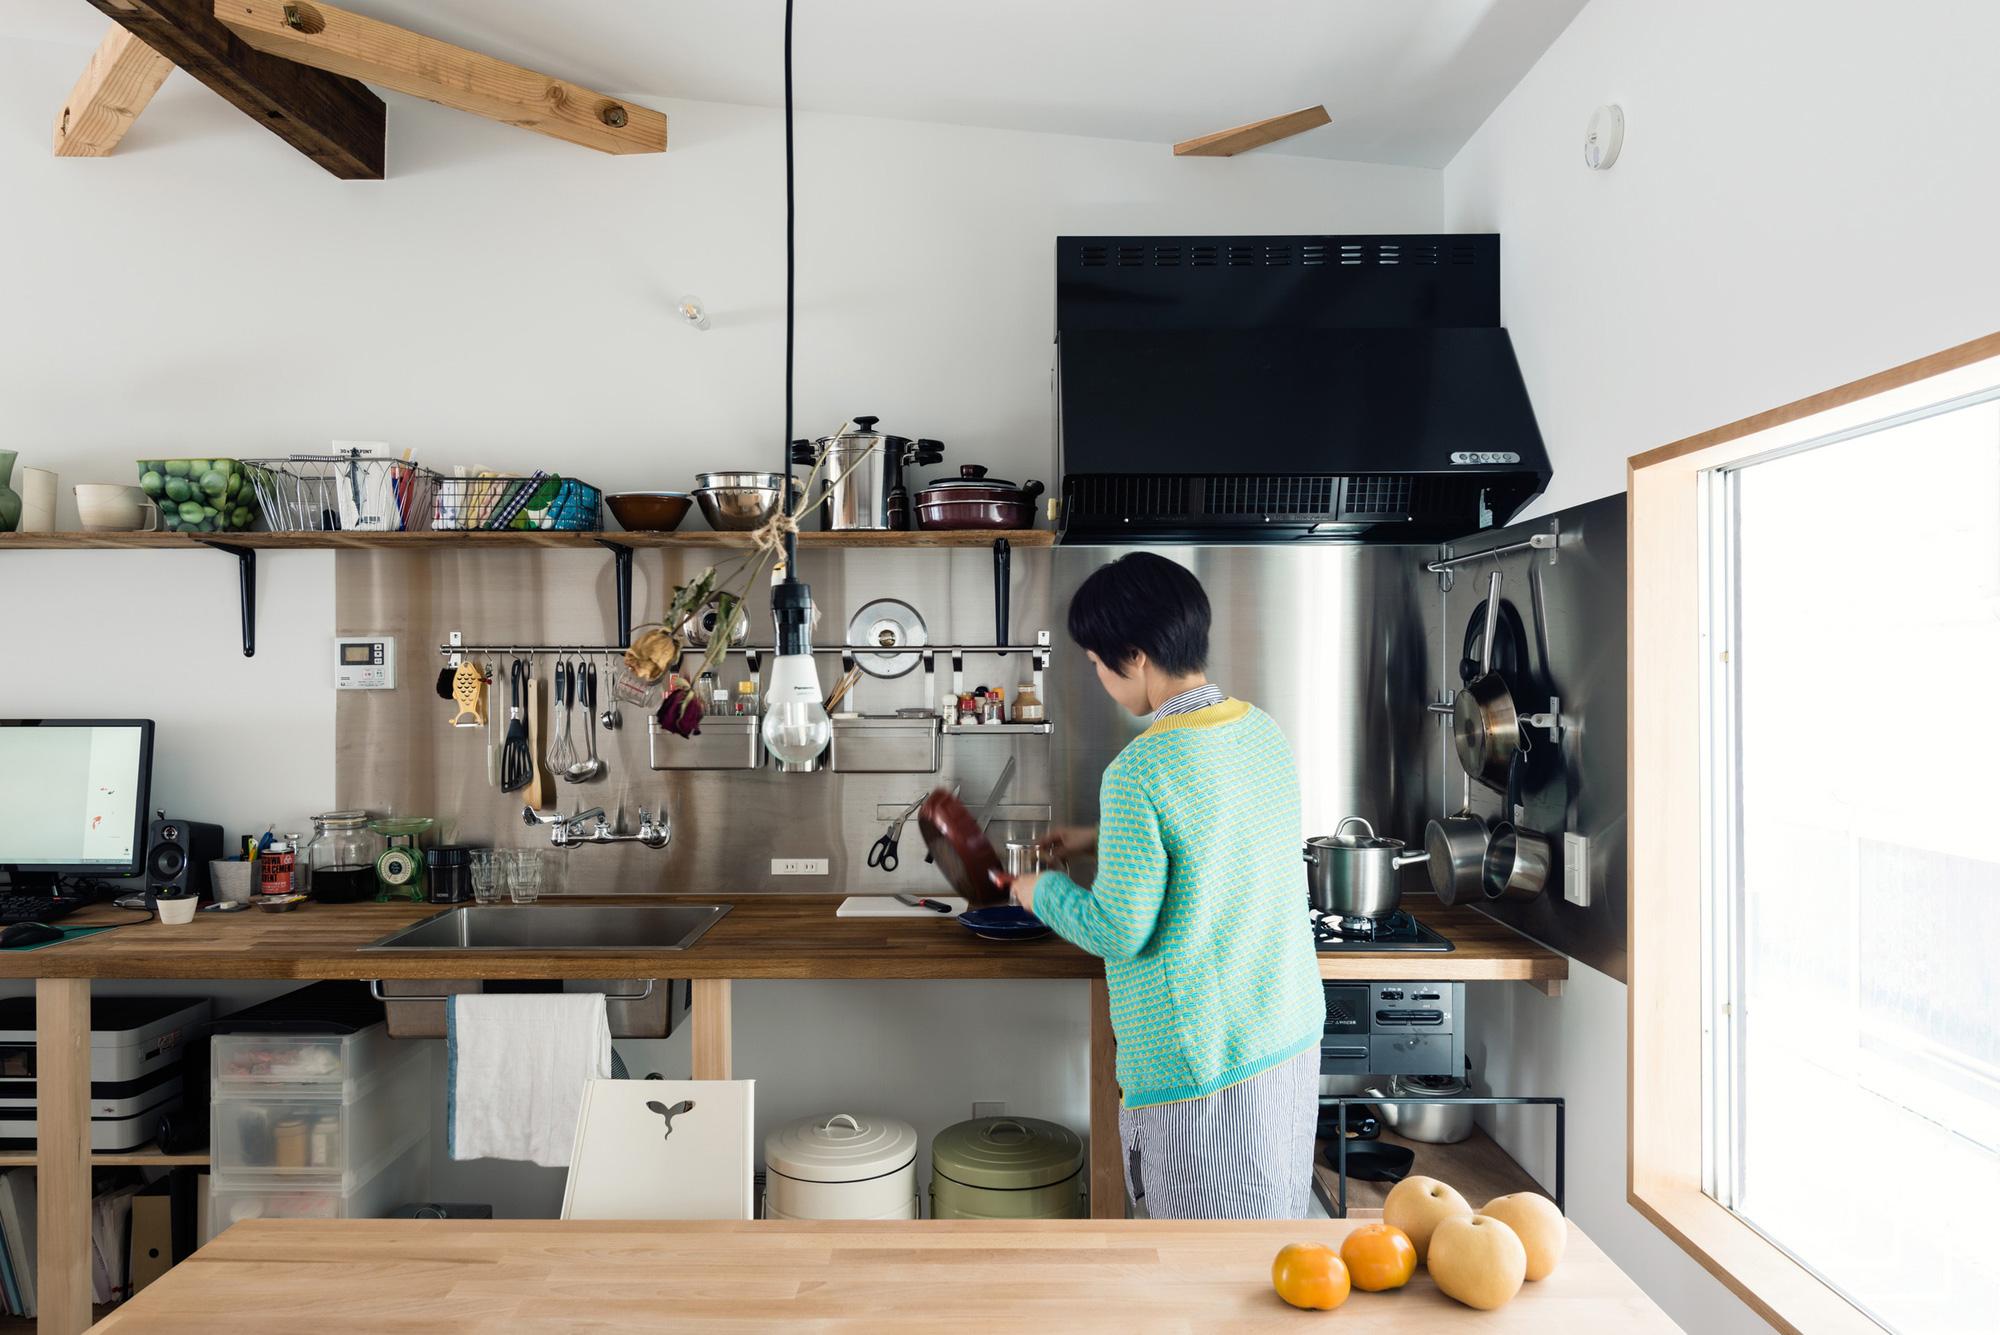 Re-Toyosaki / Coil Kazuteru Matumura Architects (7)